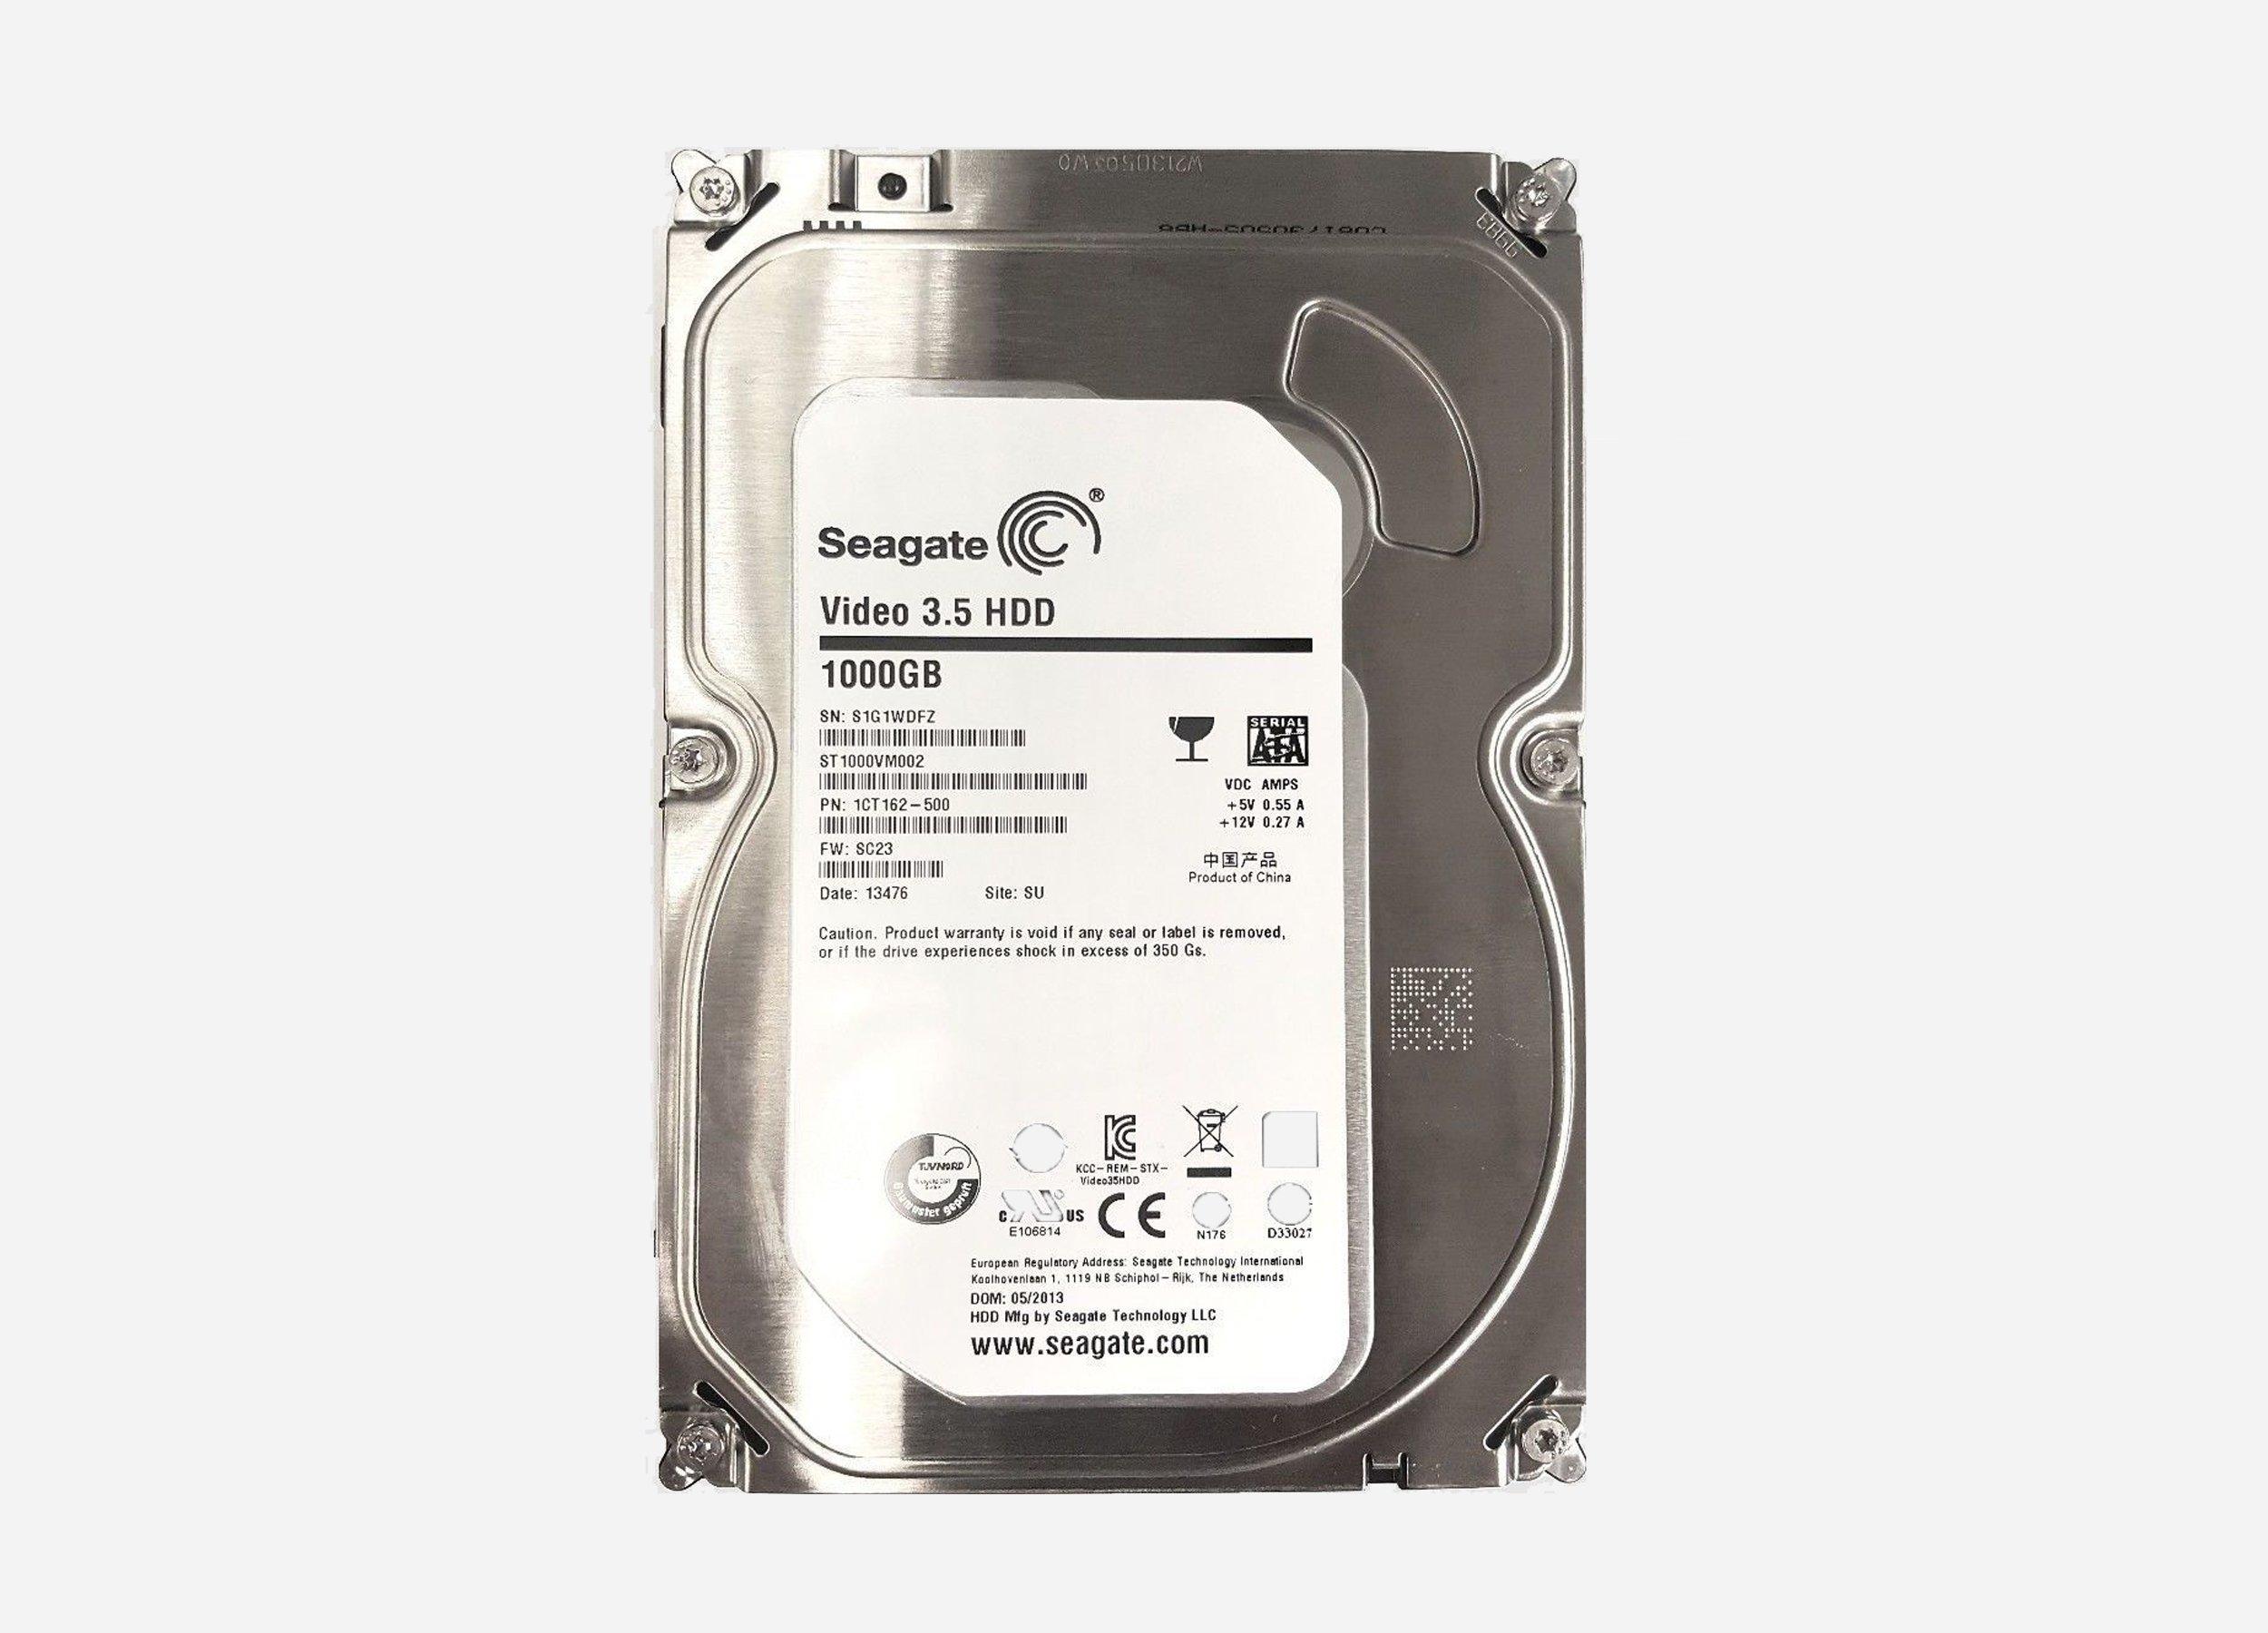 seagate 1TB Hdd